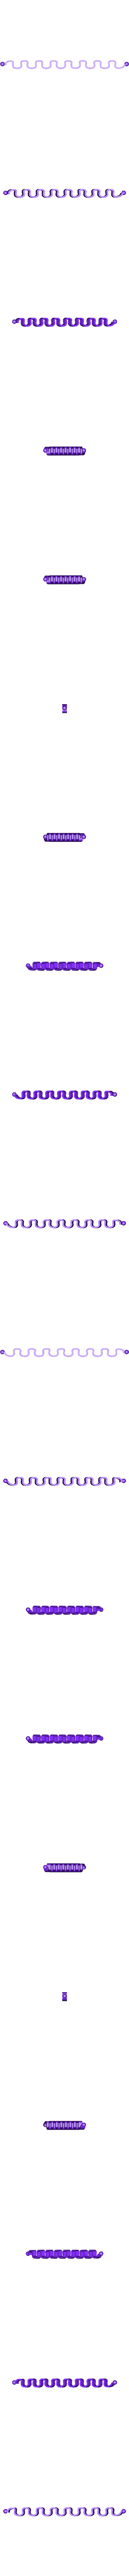 fvjhn.STL Download free STL file rc crawler • 3D printing object, Boastcott